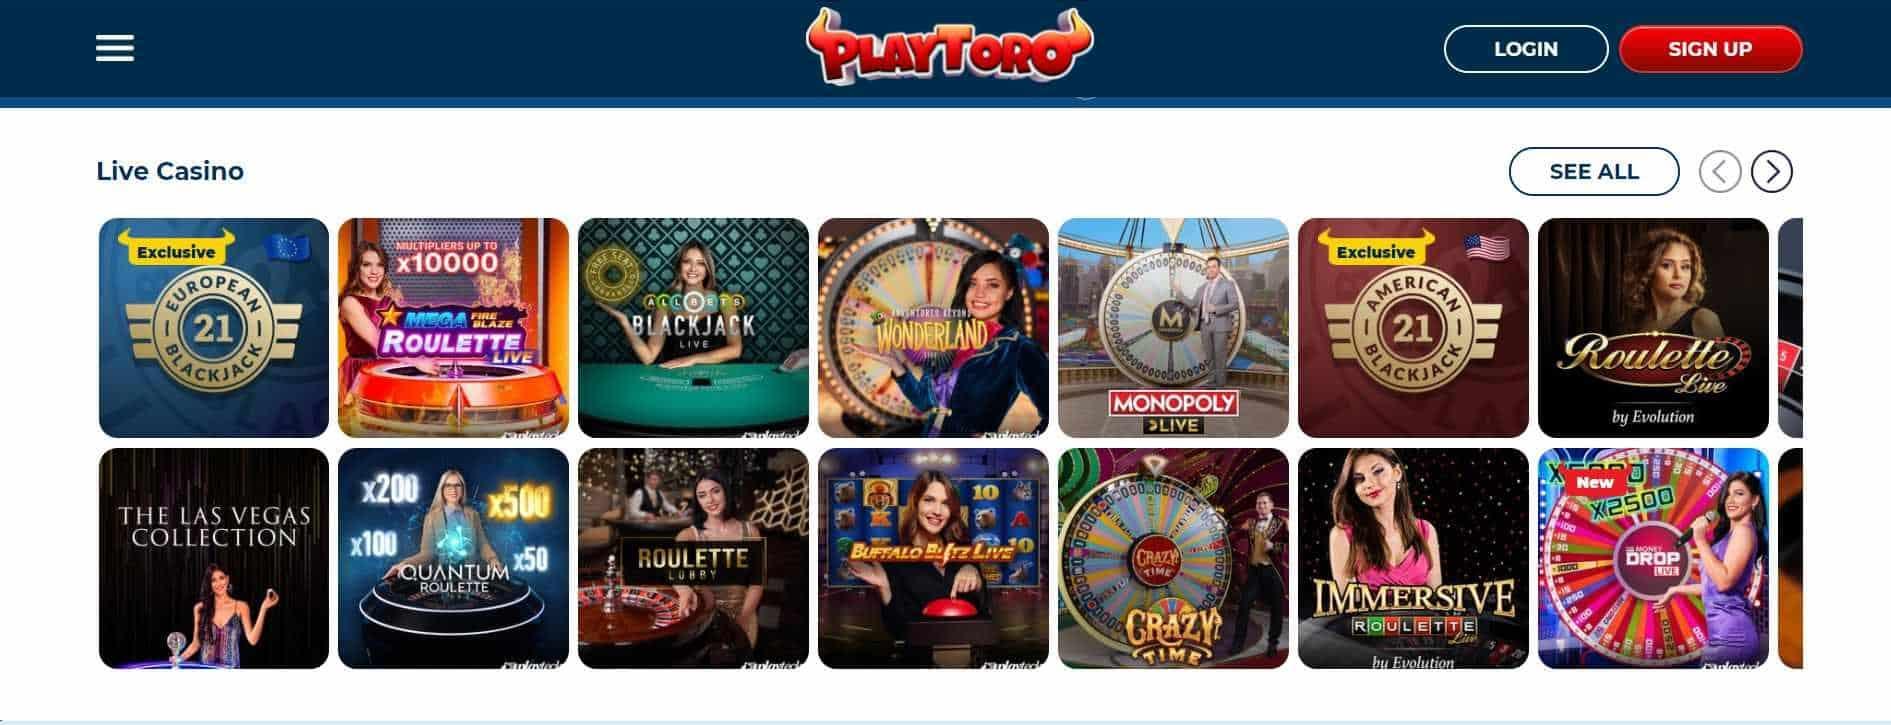 PlayToro Casino Live Casino